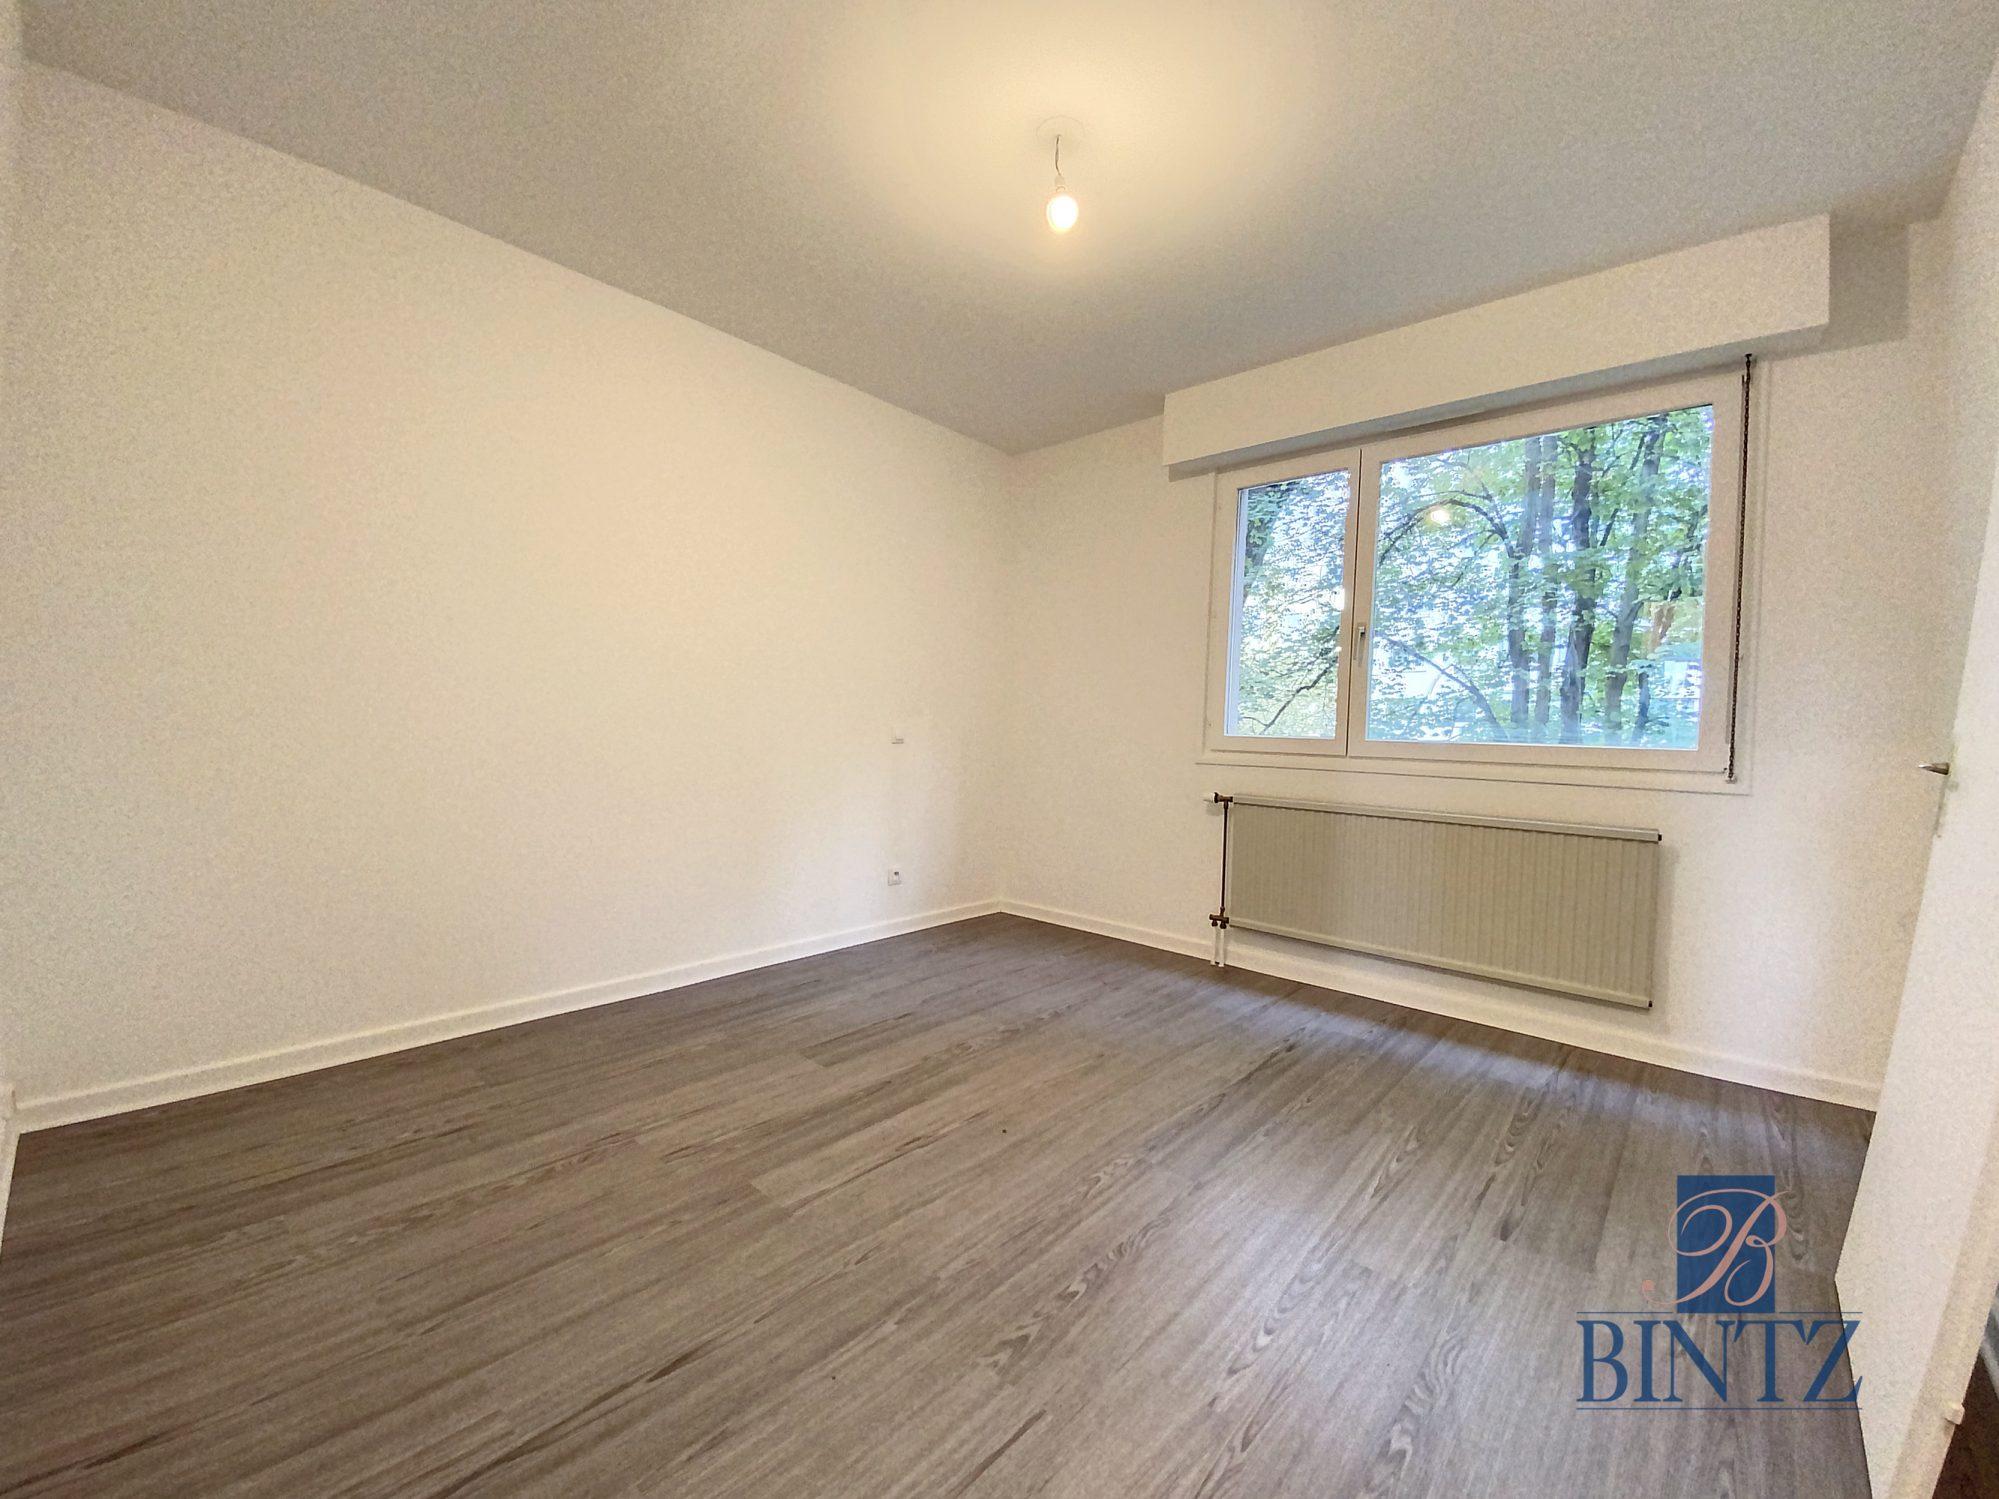 2PÈCES ILLKIRCH - Devenez locataire en toute sérénité - Bintz Immobilier - 7